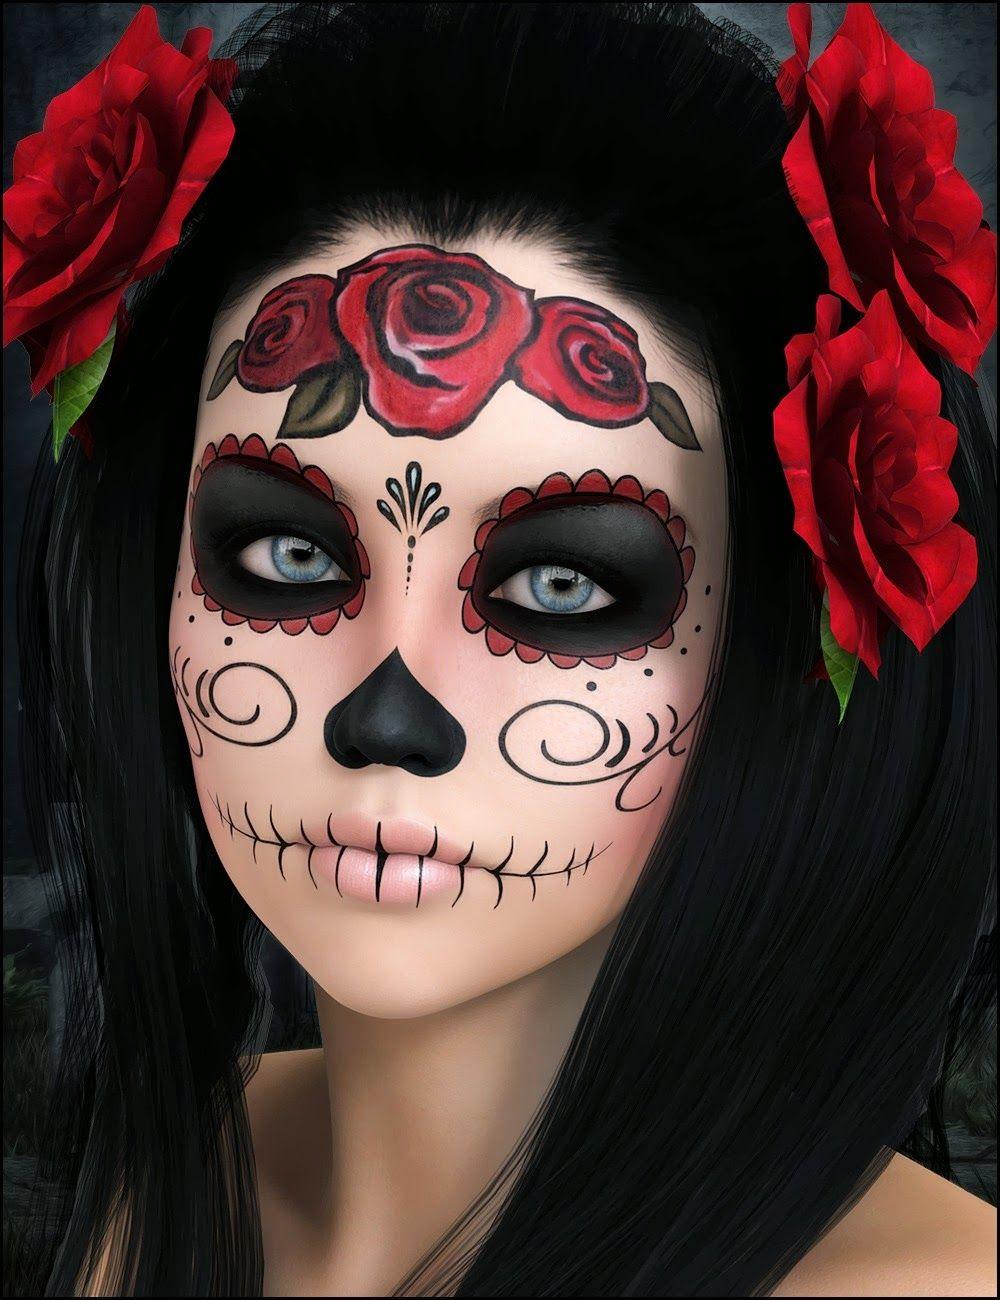 M s de 25 ideas incre bles sobre pintar cara halloween en - Pintura cara halloween ...